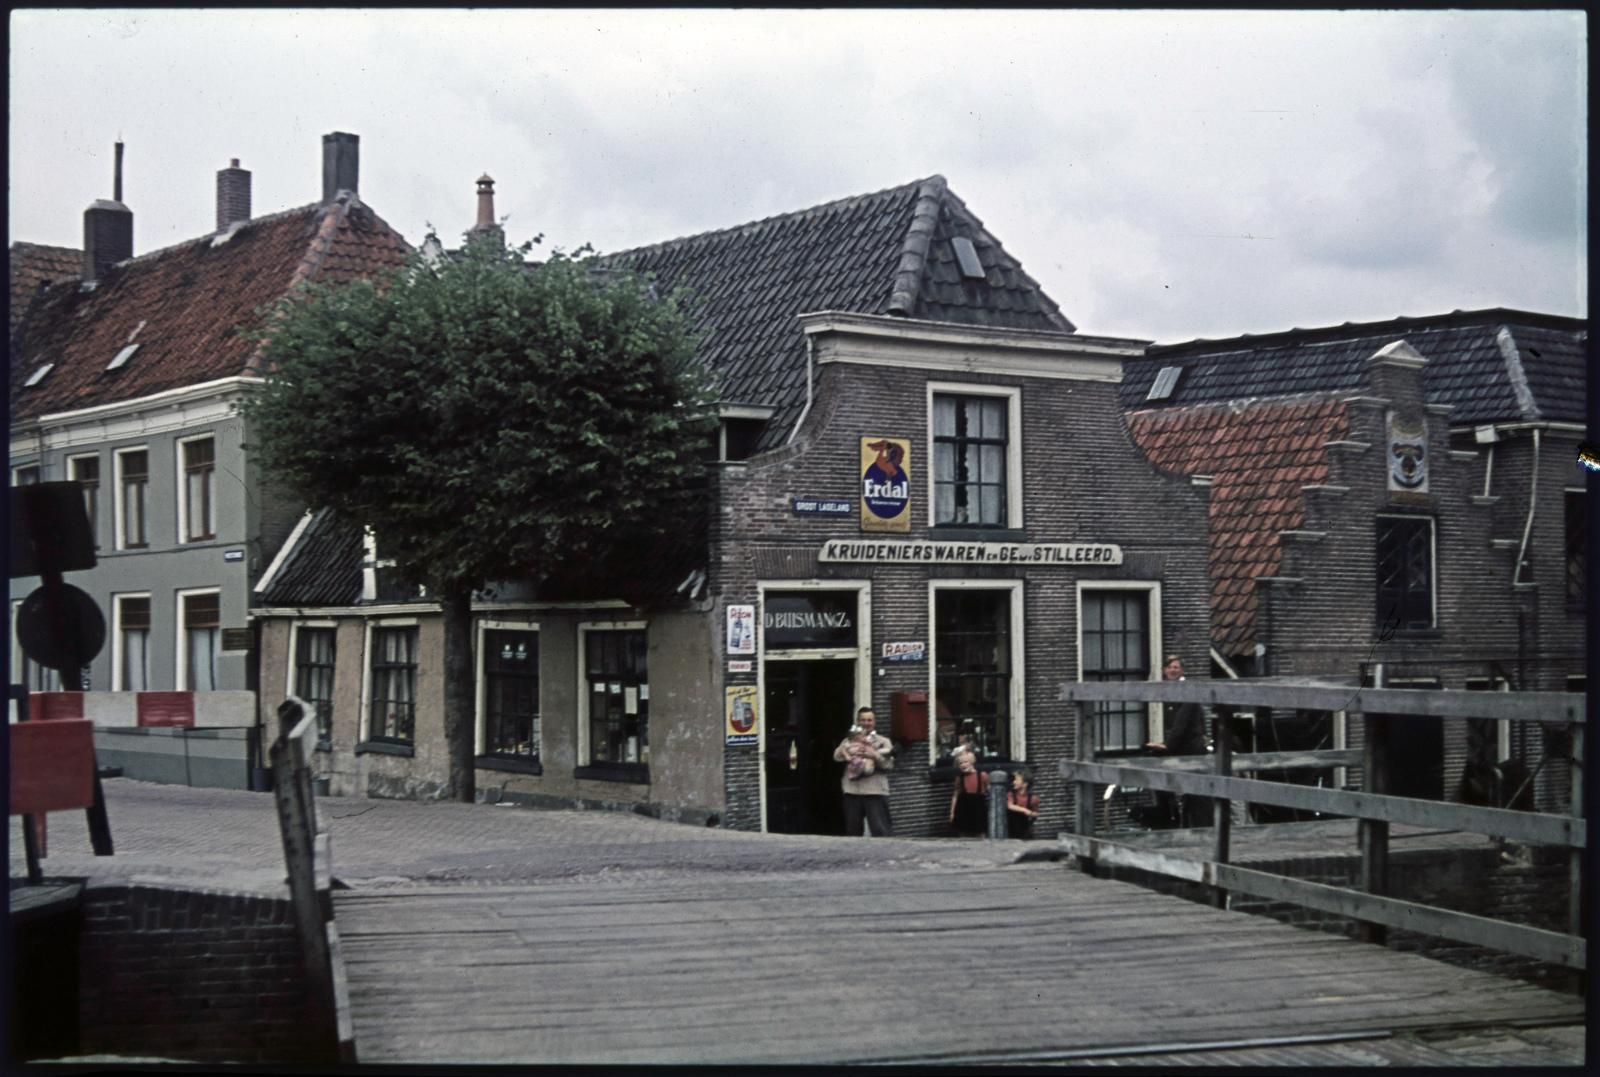 Kruidenierswinkel-slijterij